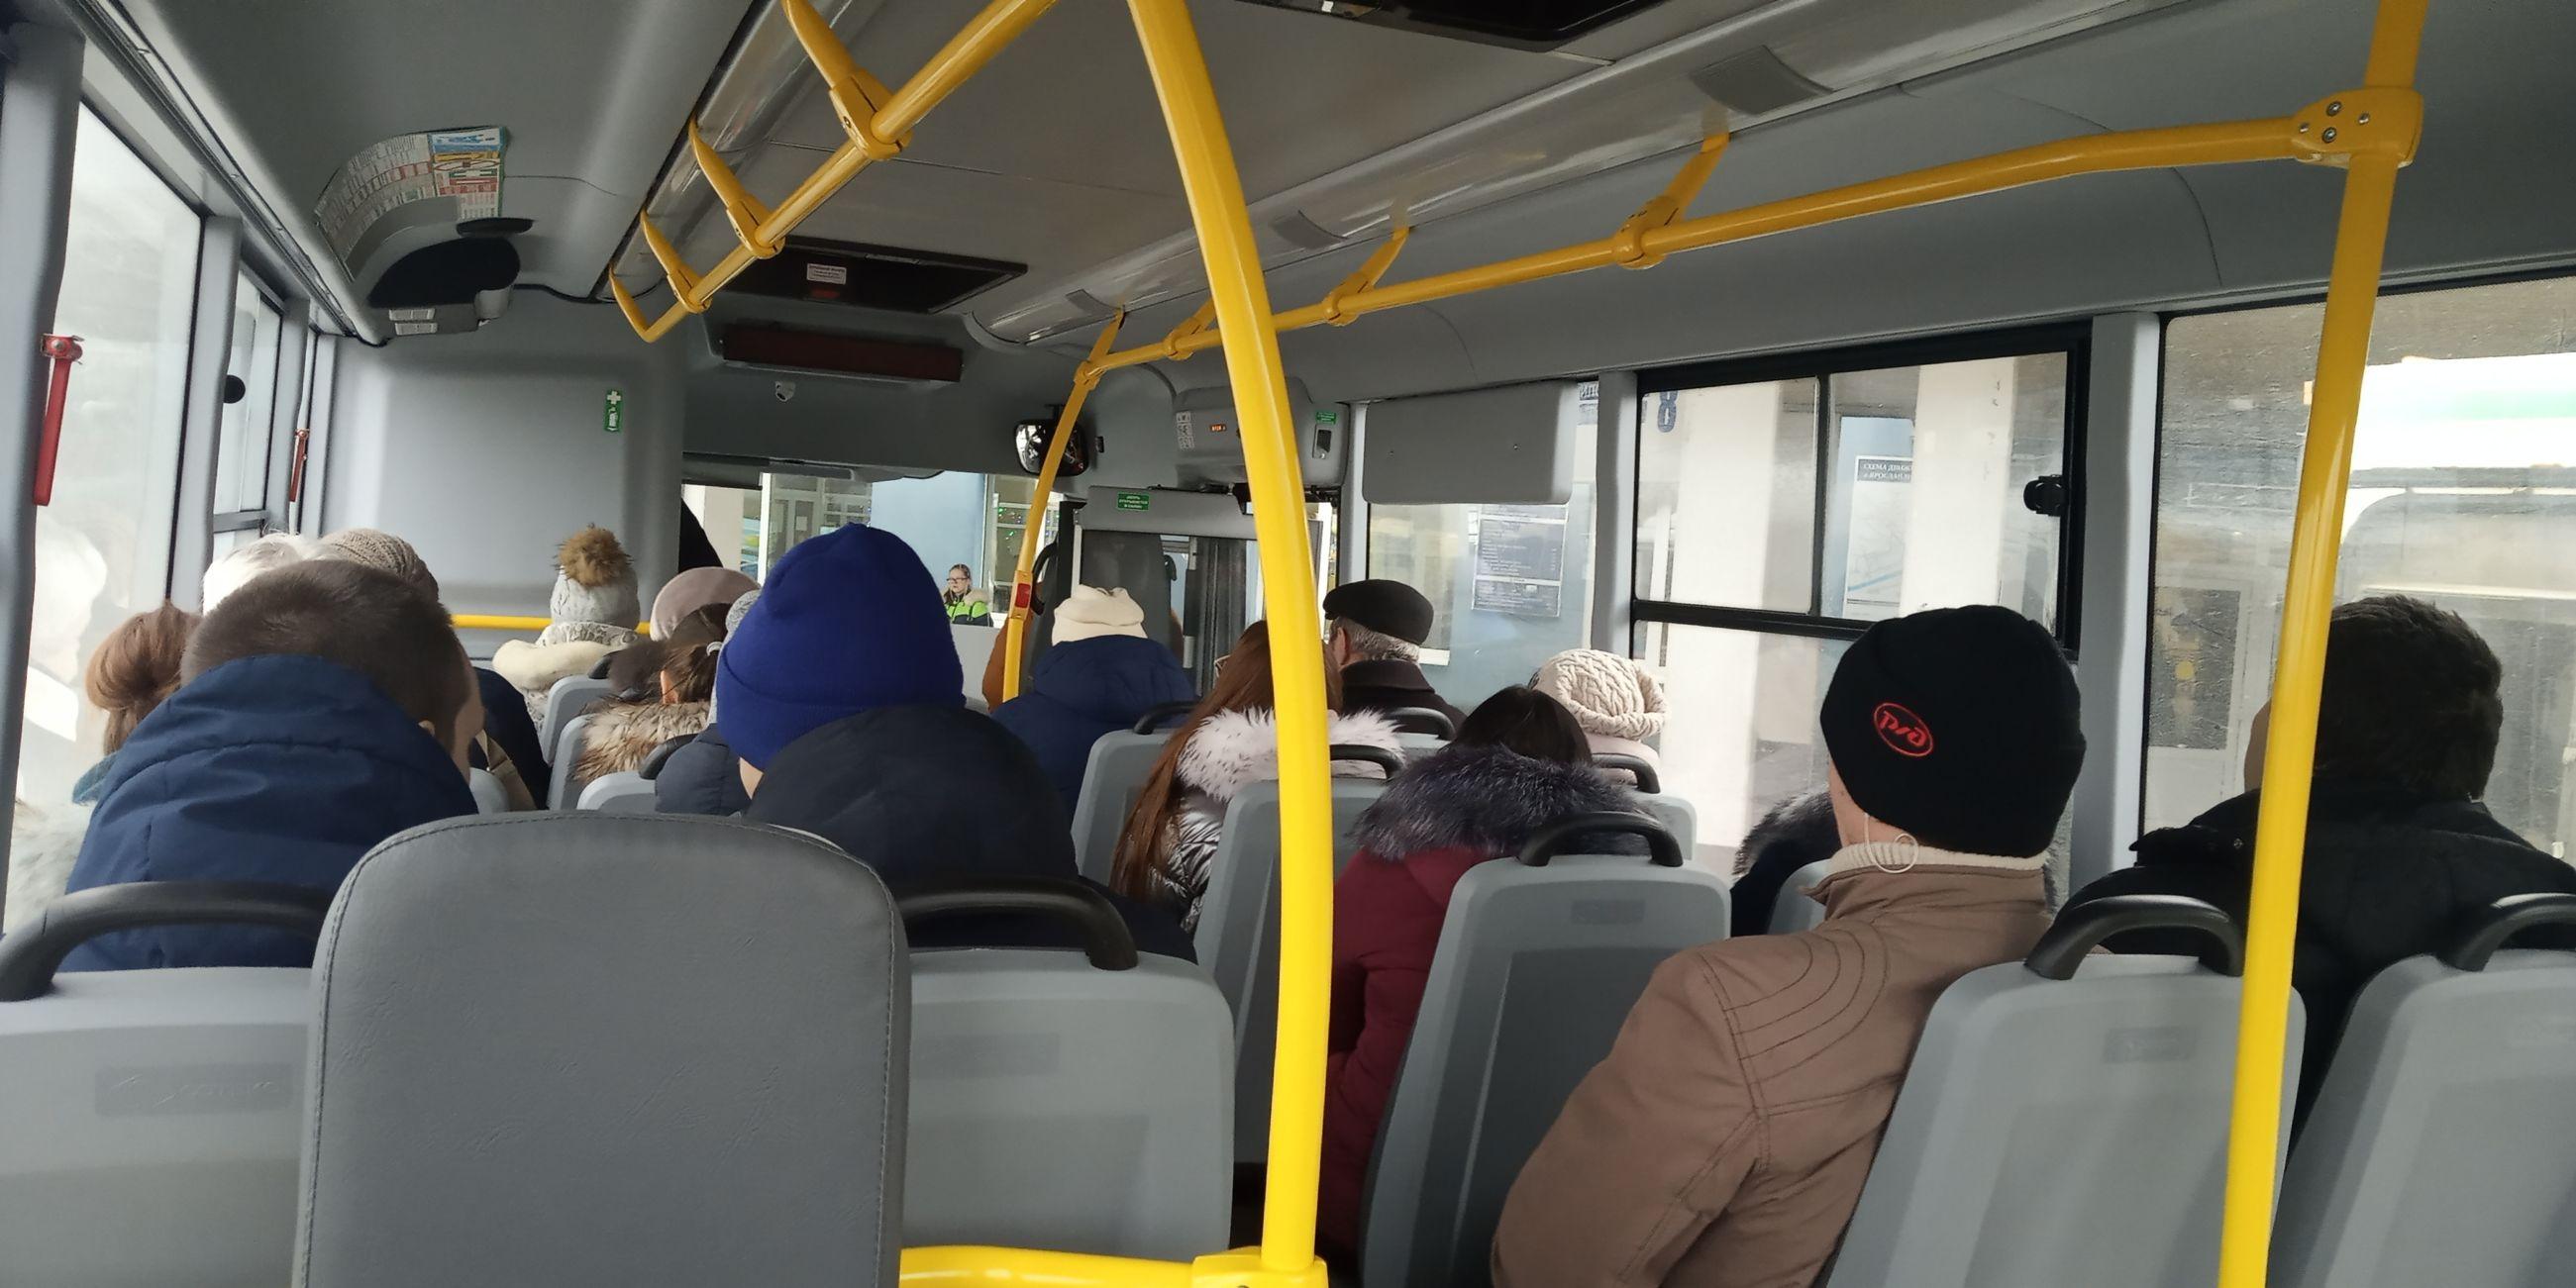 Привычка безопасности: сотрудники ГИБДД приучают ярославцев к ремням